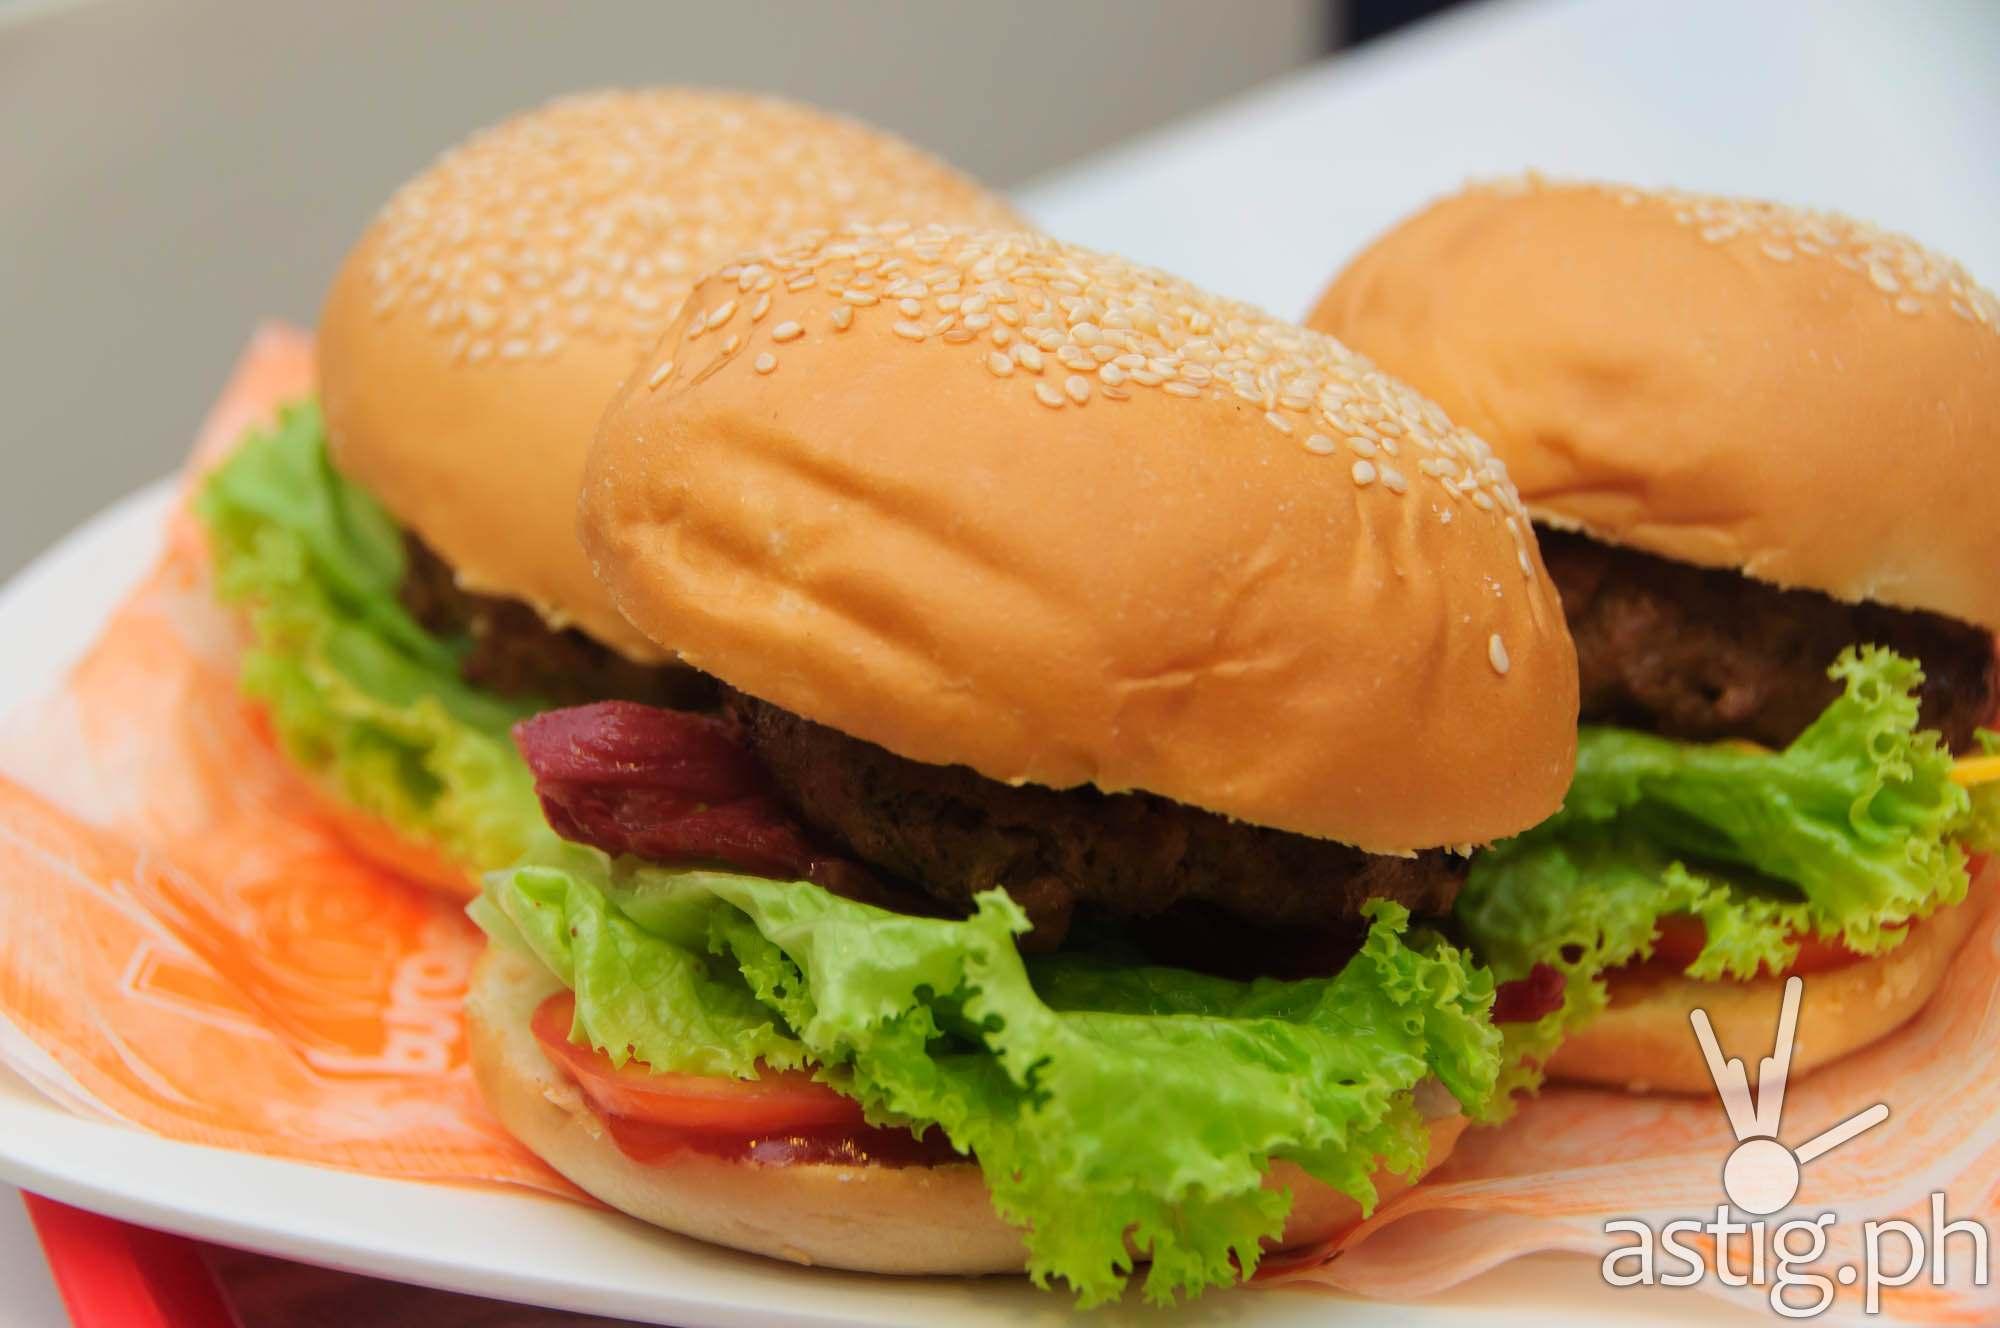 Sliders Trio at Wham! Burger